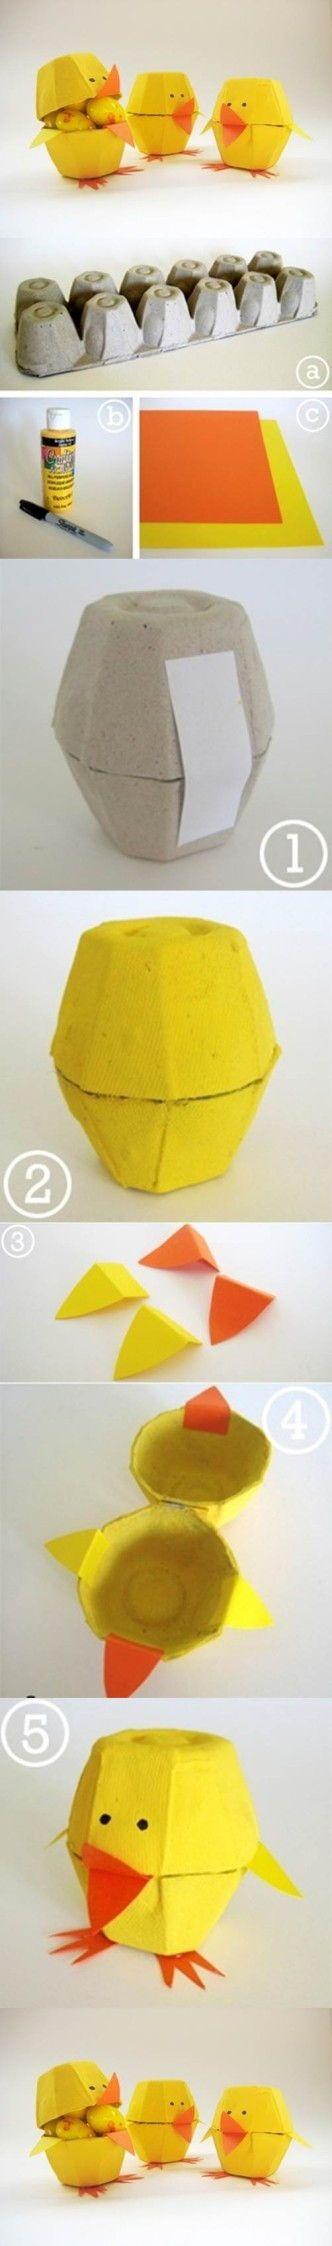 Egg Carton Craft - Lovely Chicks 2